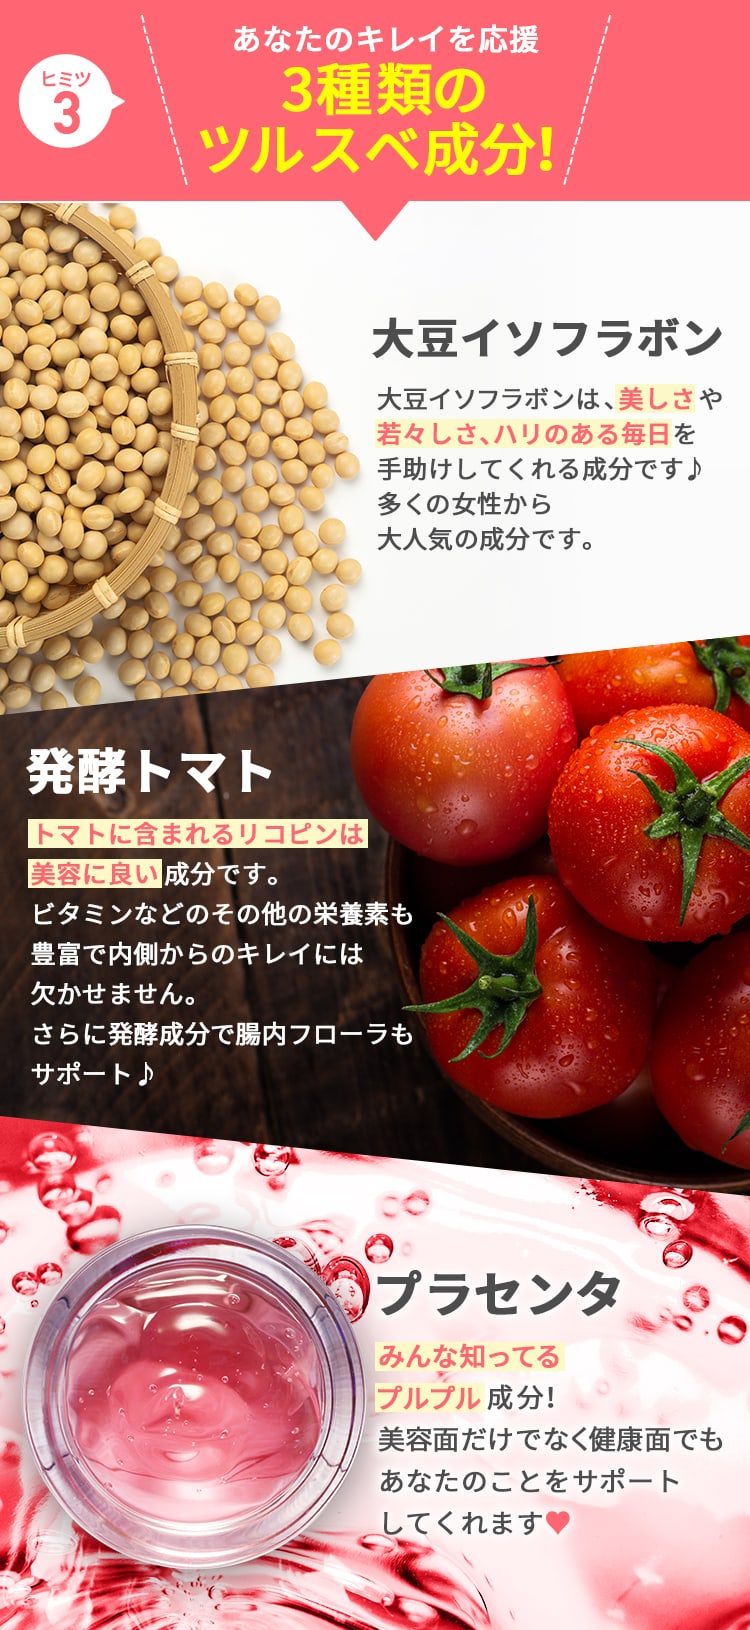 ヒミツ3:3種類のツルスベ成分、大豆イソフラボン:ハリ、発酵トマト:リコピン、プラセンタ:プルプル